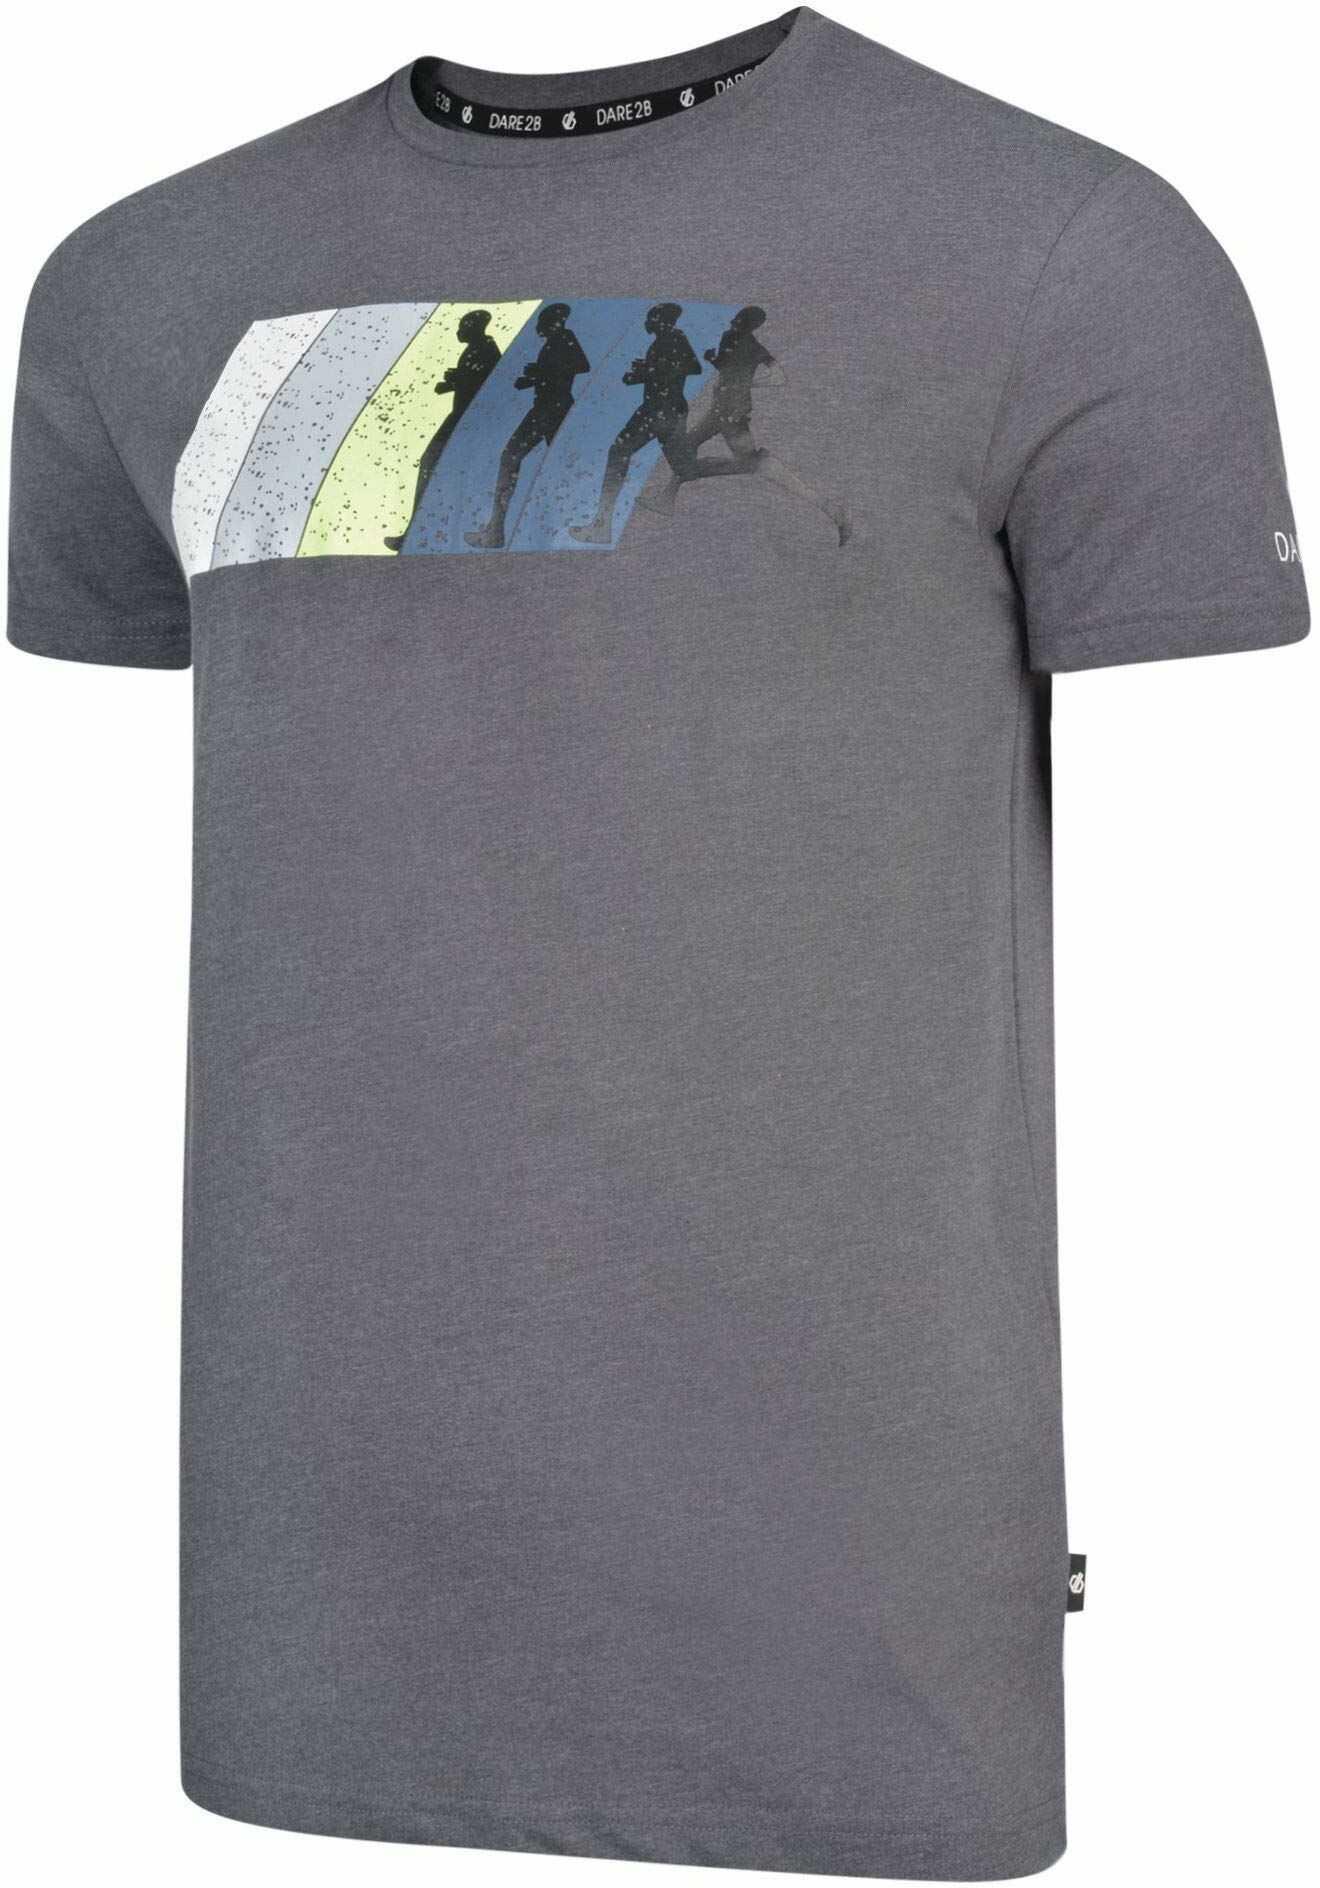 Dare 2b męski dynamiczny bawełniany prążkowany kołnierz graficzny nadruk koszulka z krótkim rękawem Grafitowy szary XS